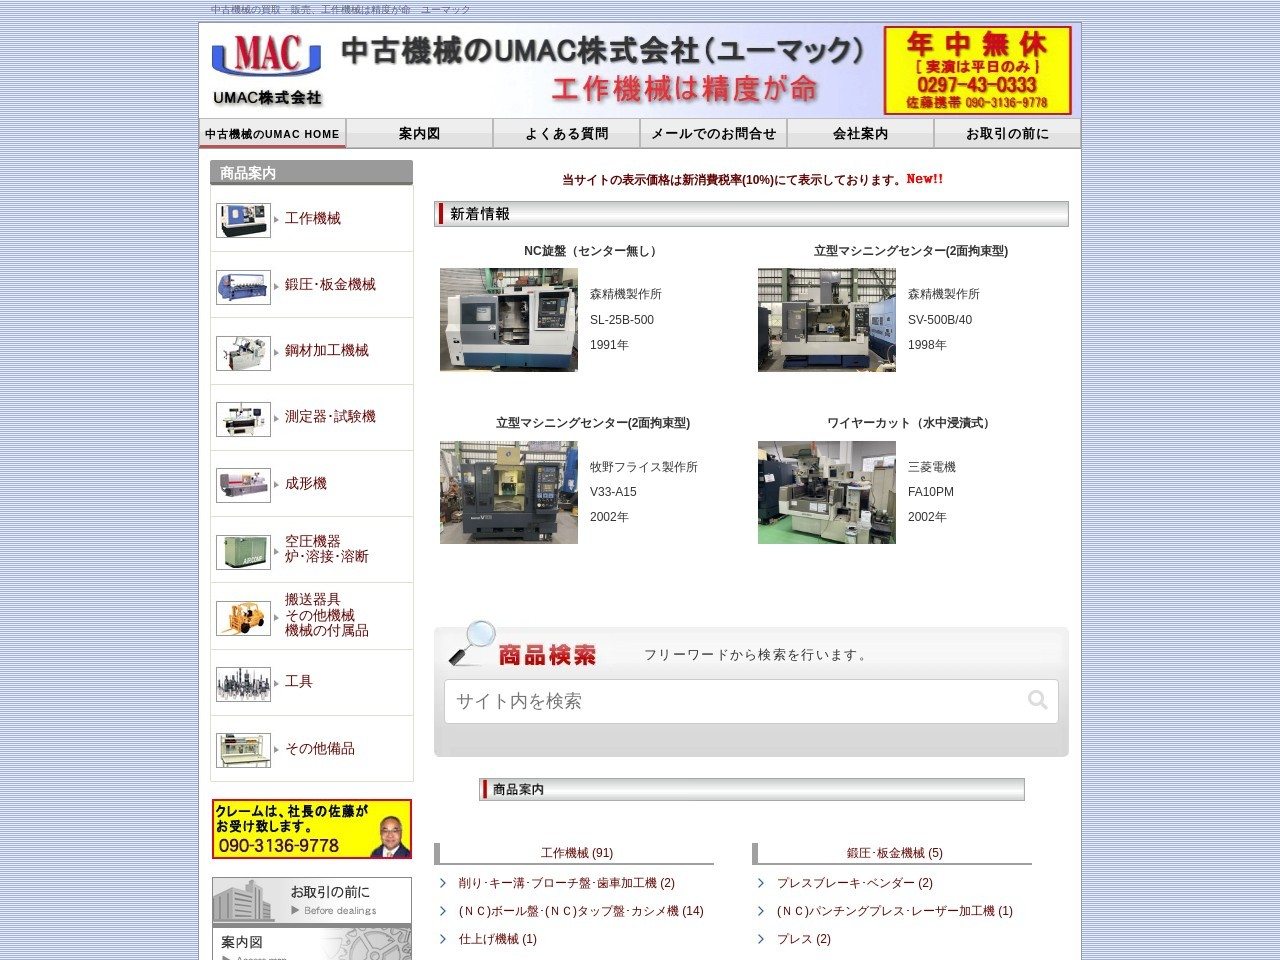 UMAC株式会社